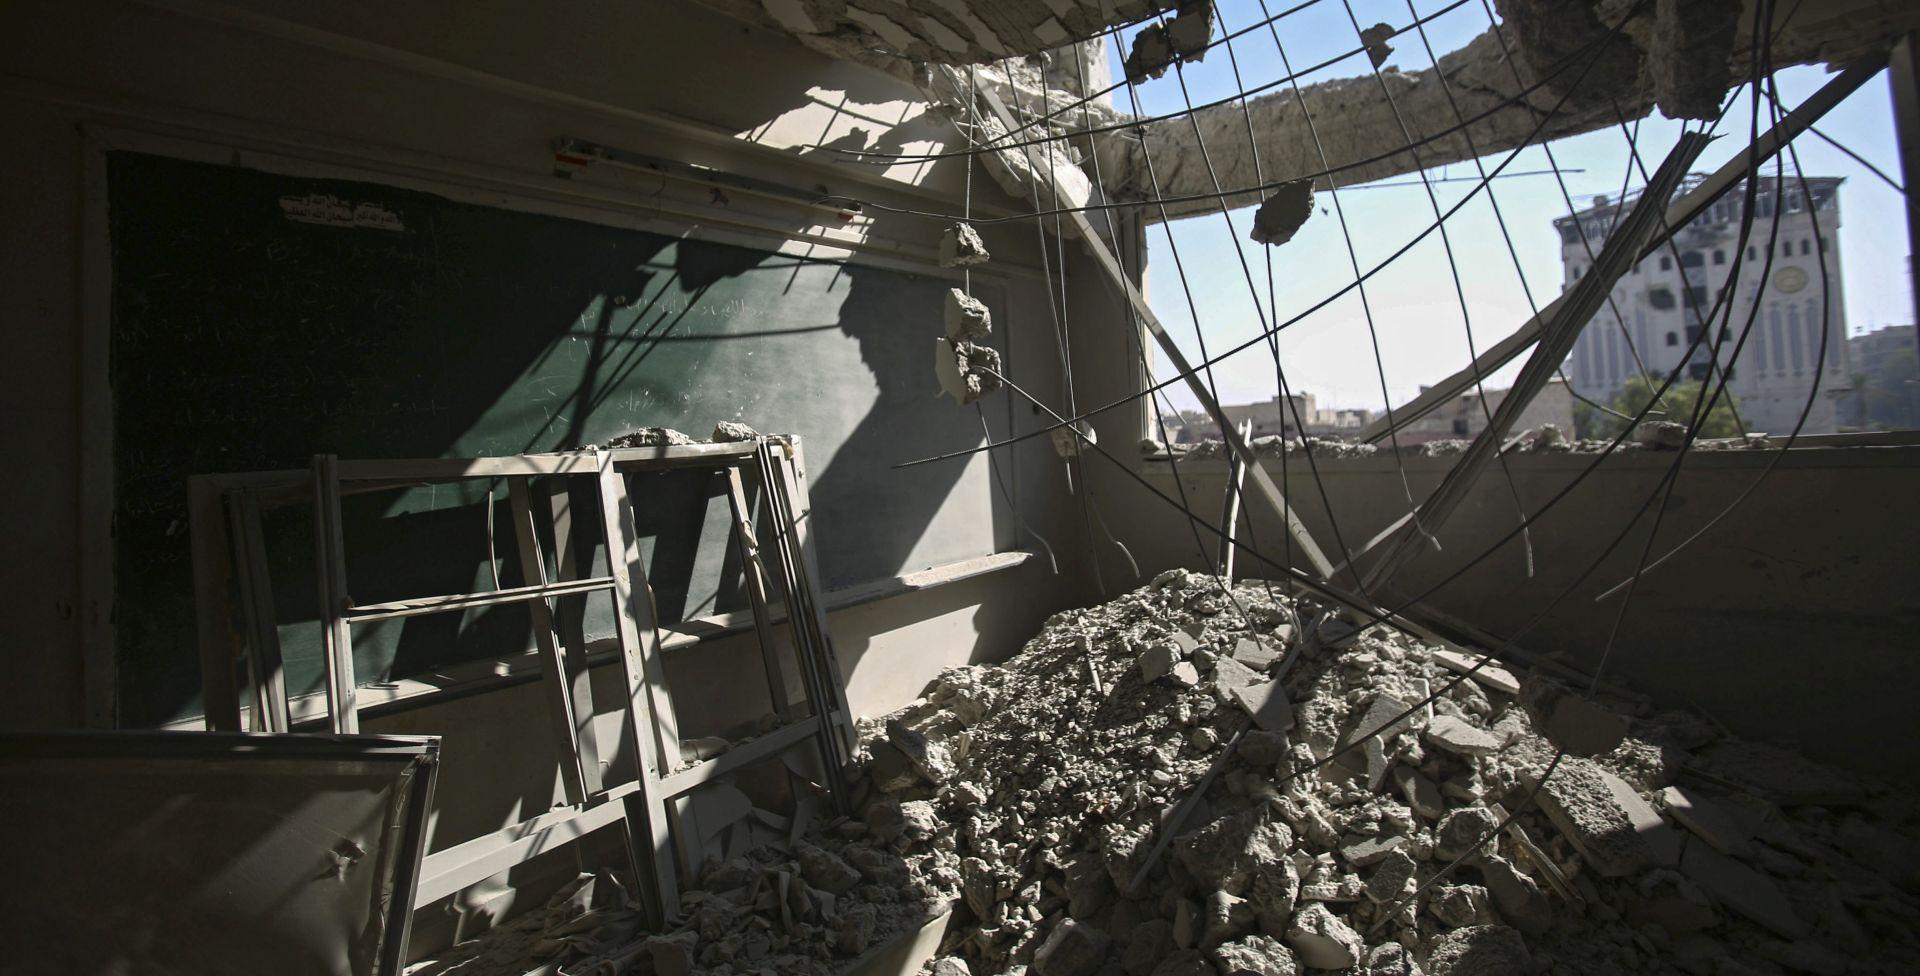 SIRIJA Autobmba u provinciji Aleppo usmrtila najmanje 17 osoba